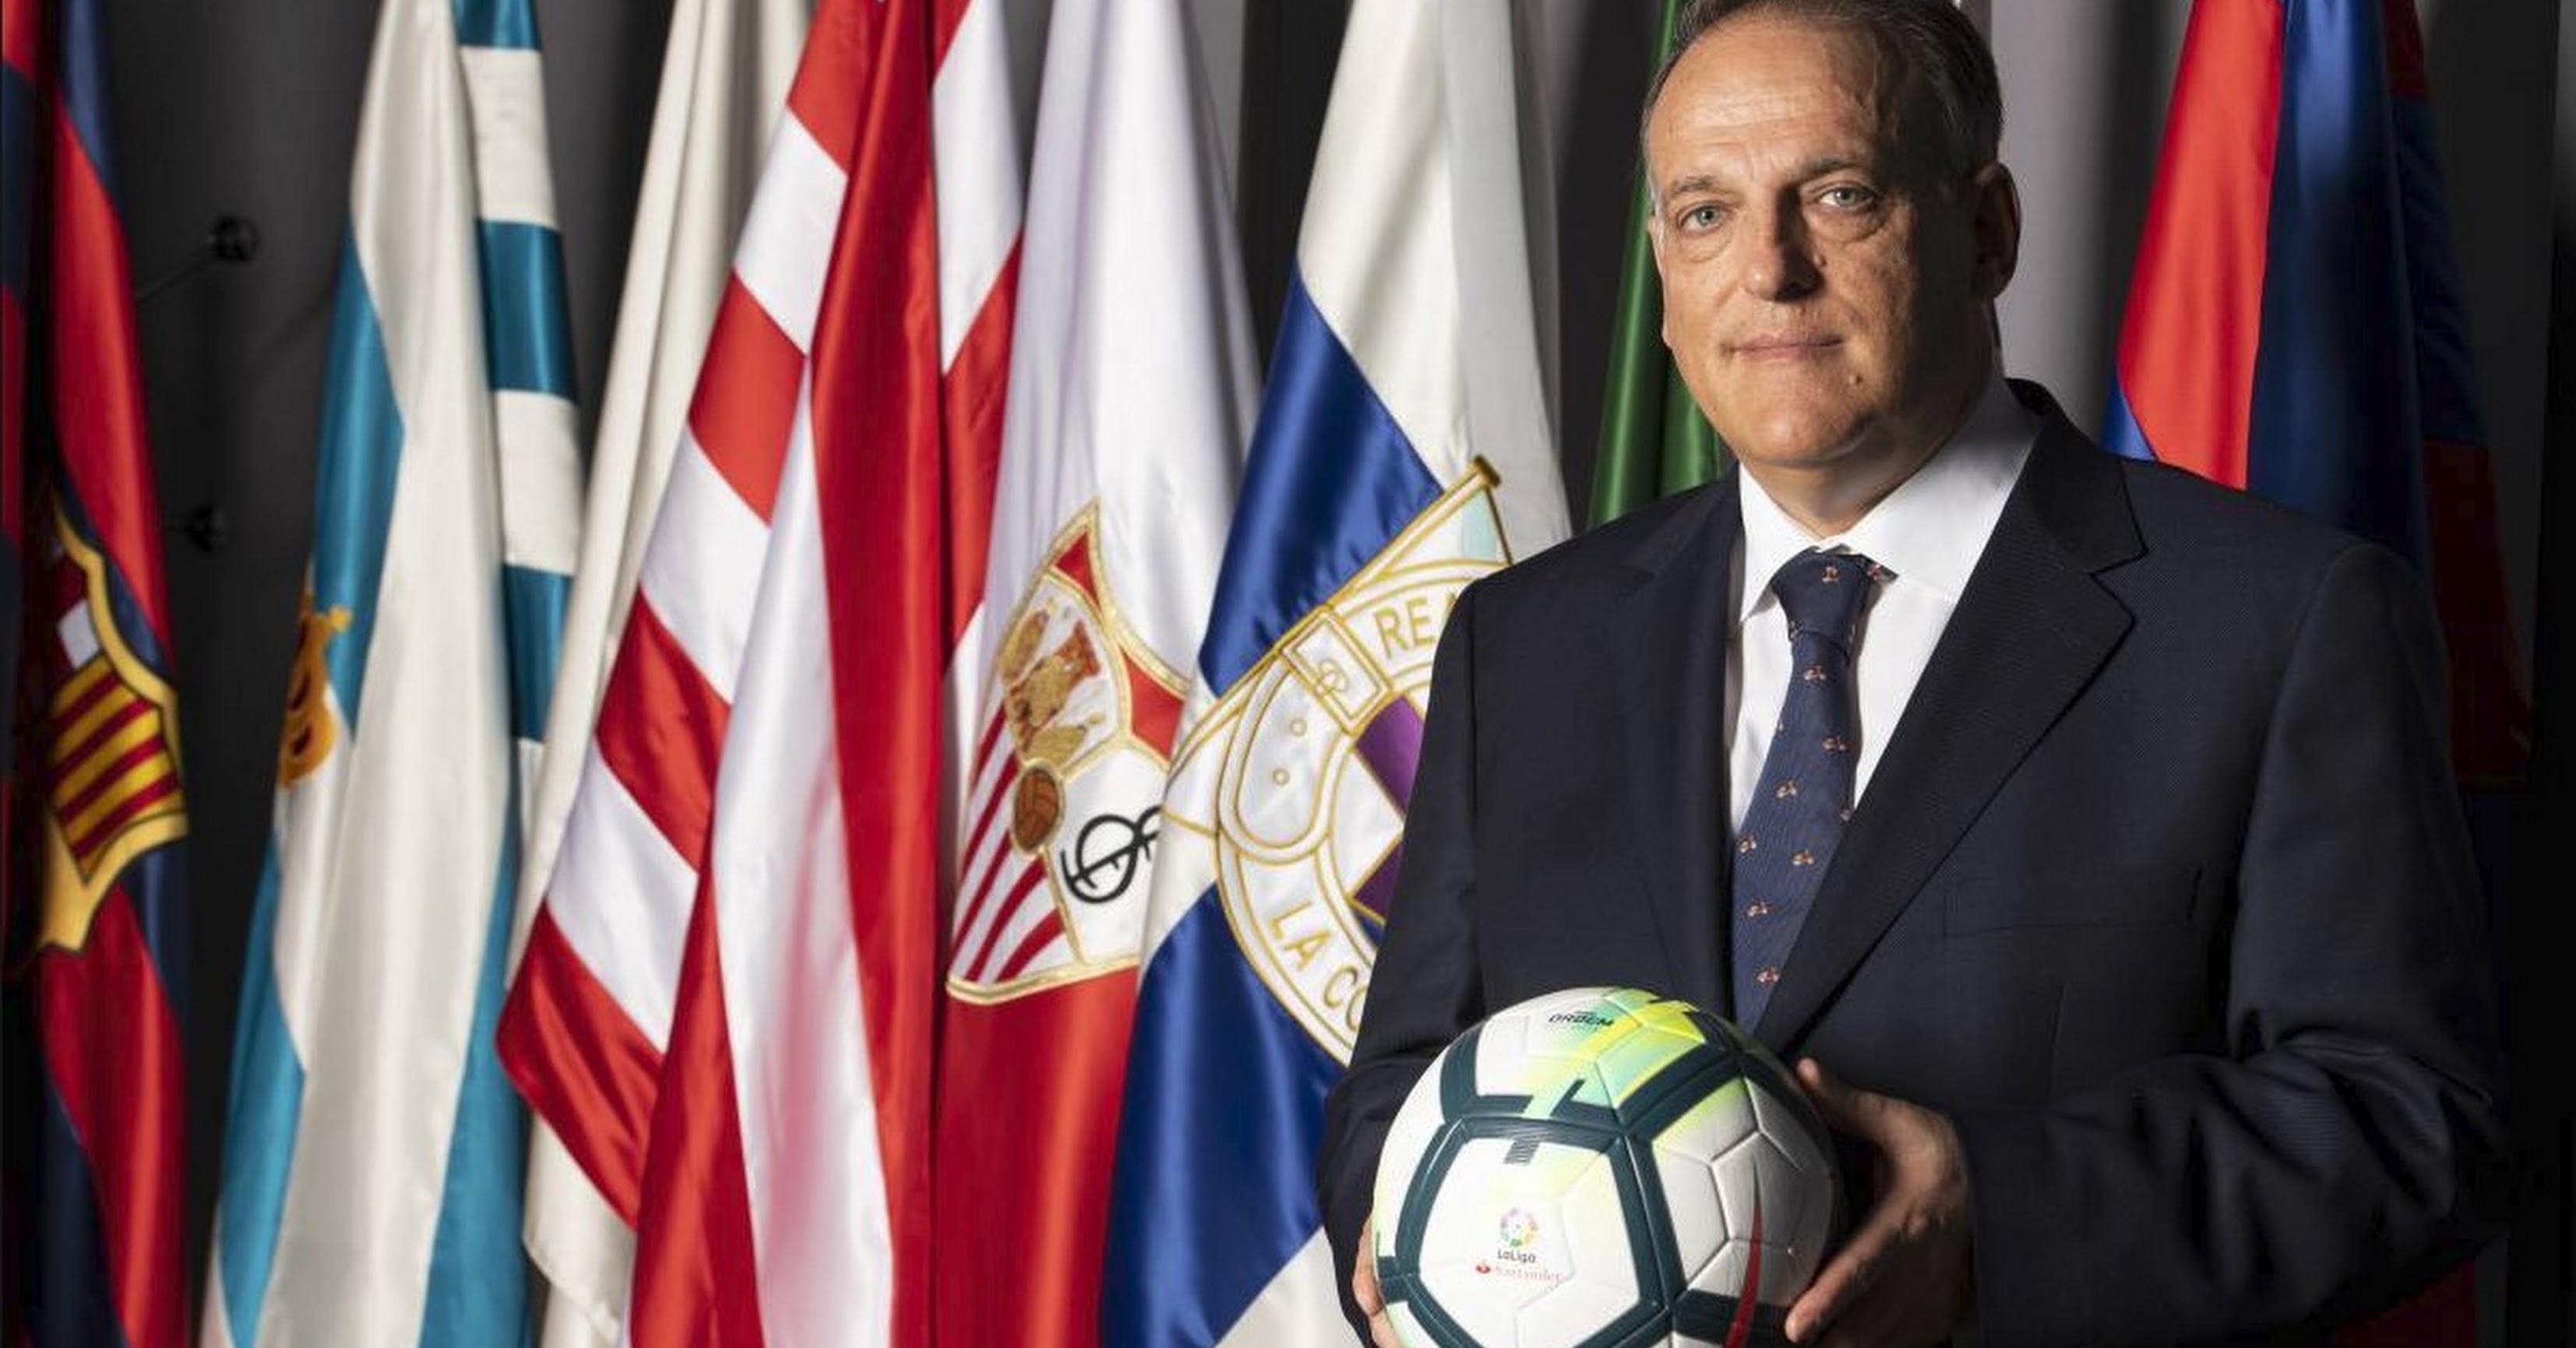 Javier Tebas presidente de la LFP.